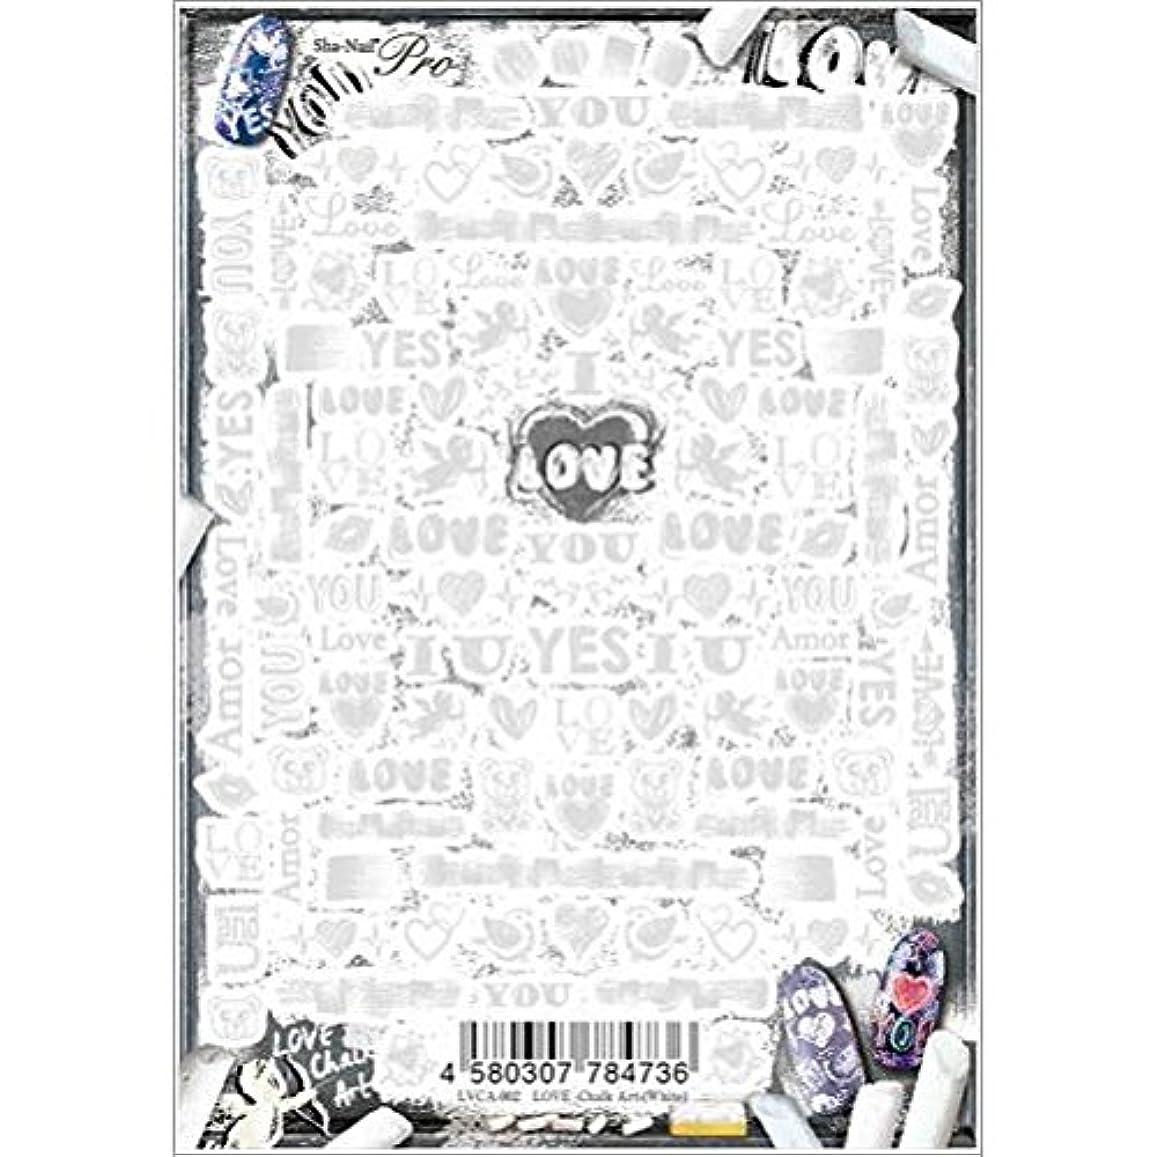 機会セールコンサルタントSha-Nail Pro ネイルシール ラブ-チョークアート-(ホワイト) LVCA-002